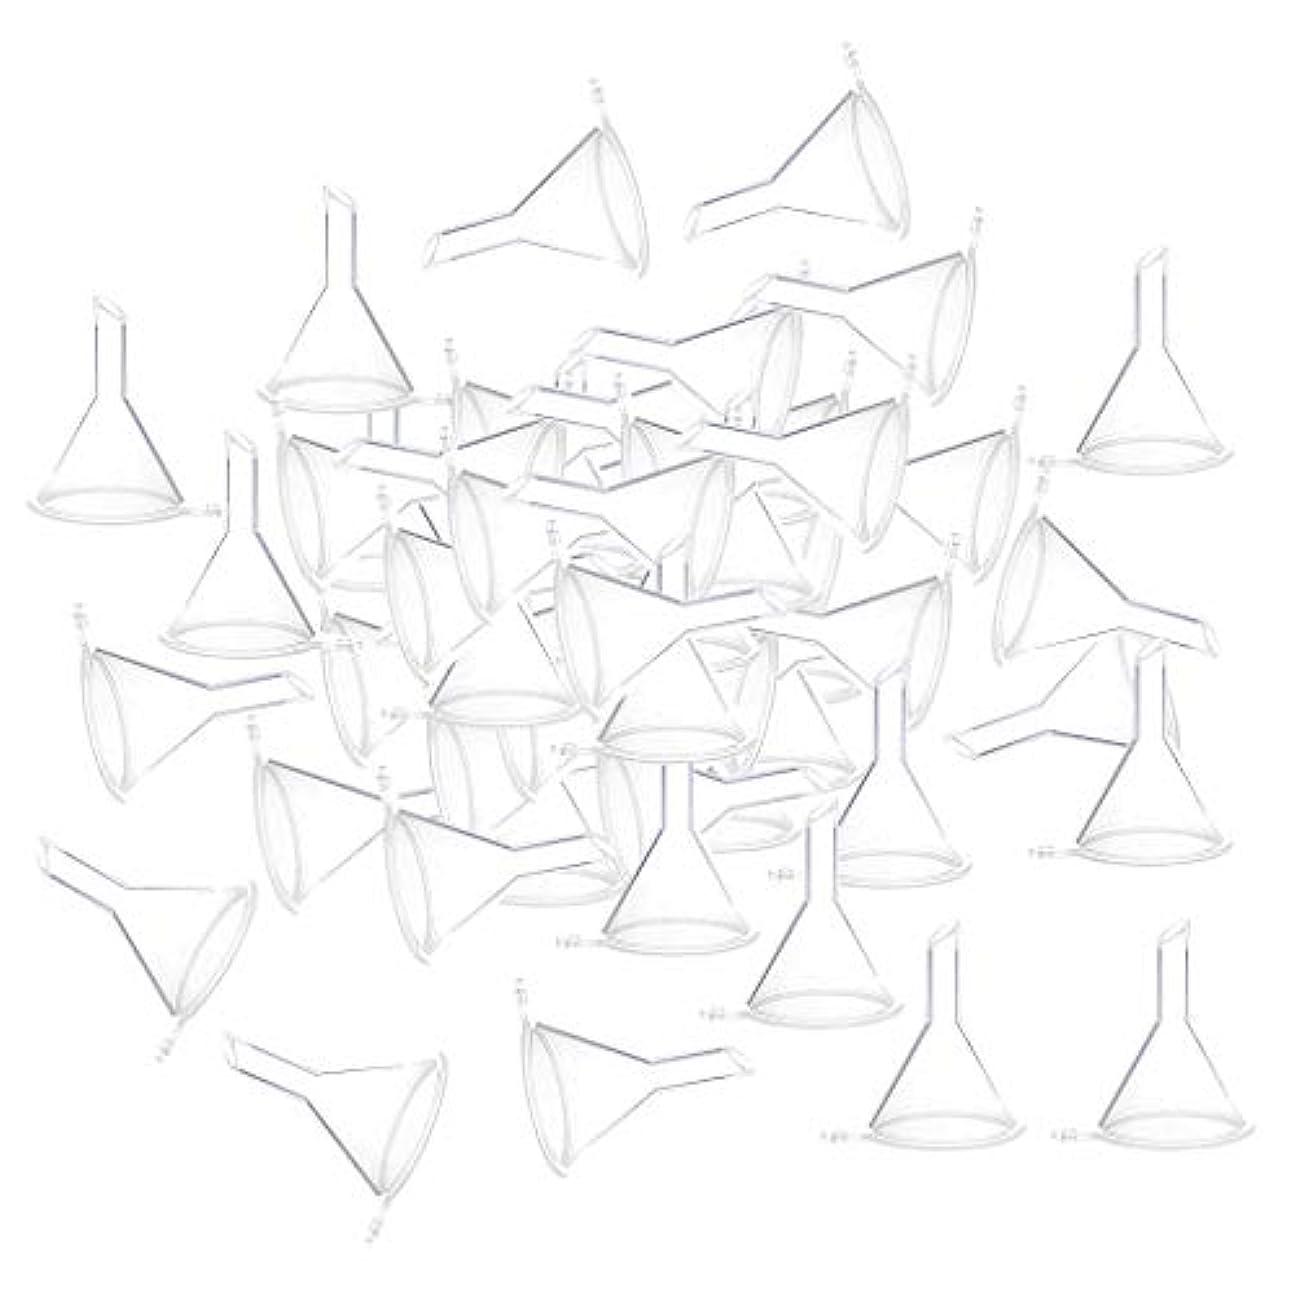 自己尊重キリン偽小分けツール ミニ ファンネル エッセンシャルオイル 液体 香水用 全100個 3カラー - クリア